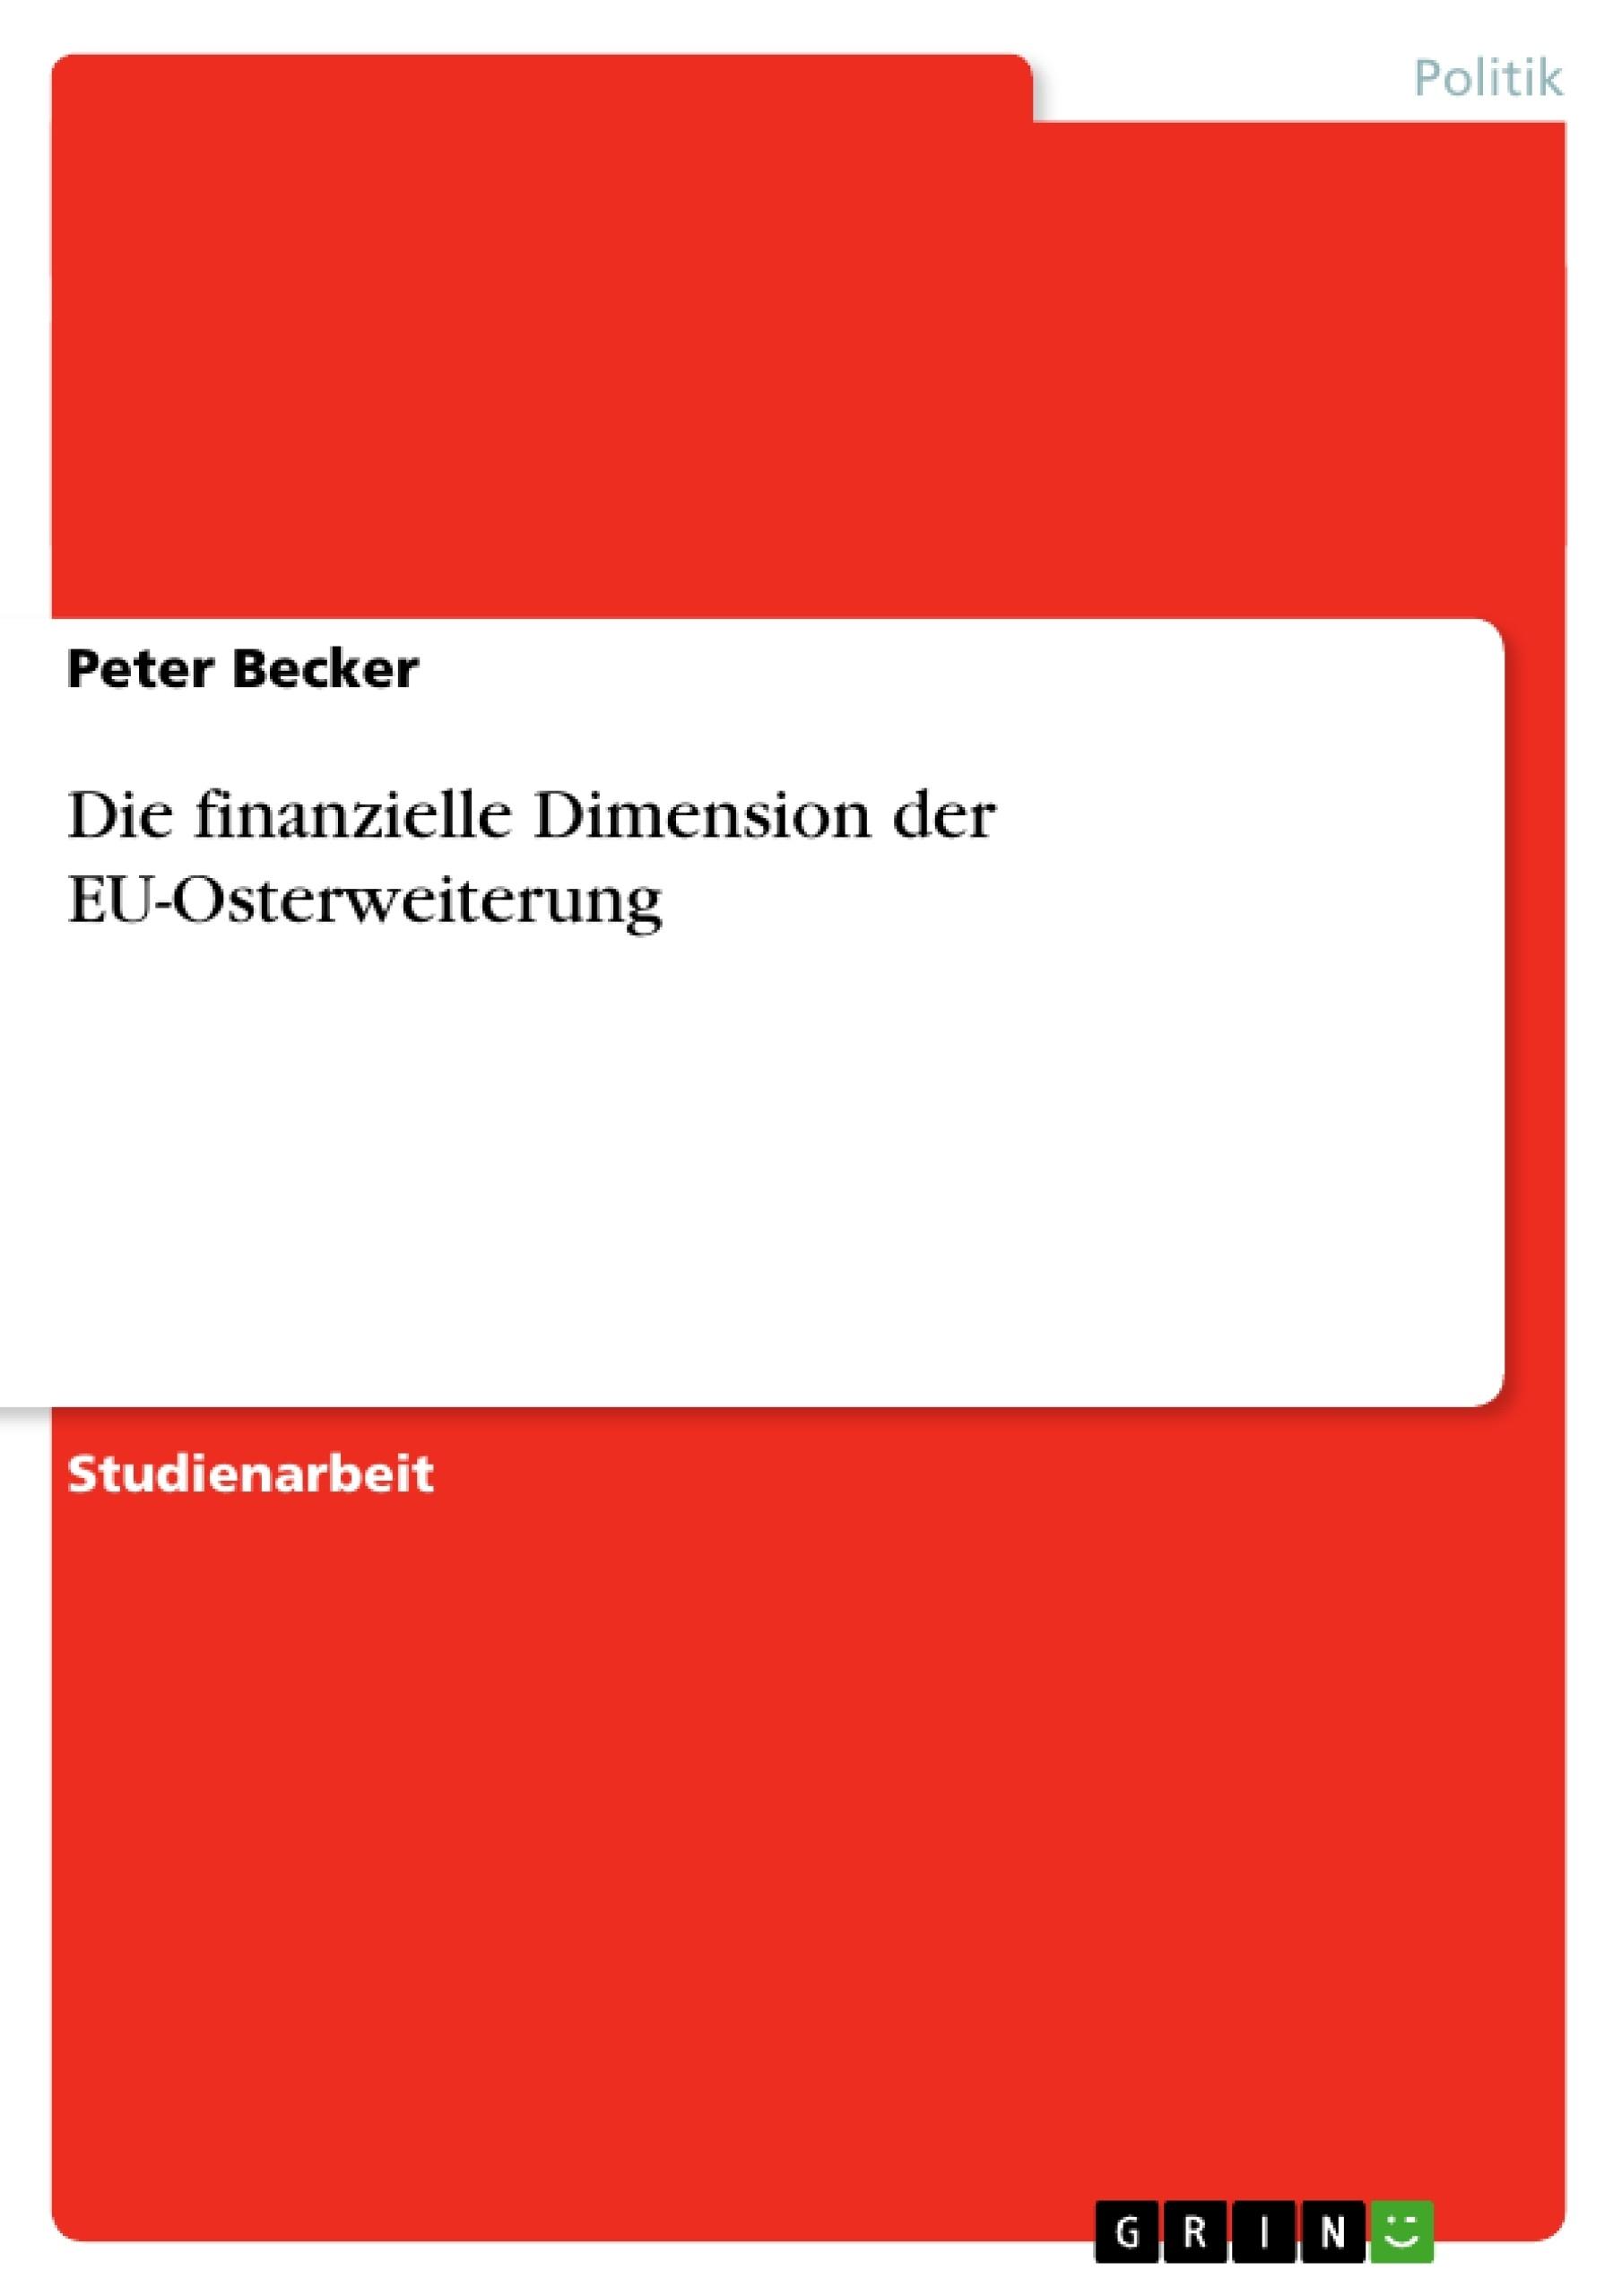 Titel: Die finanzielle Dimension der EU-Osterweiterung